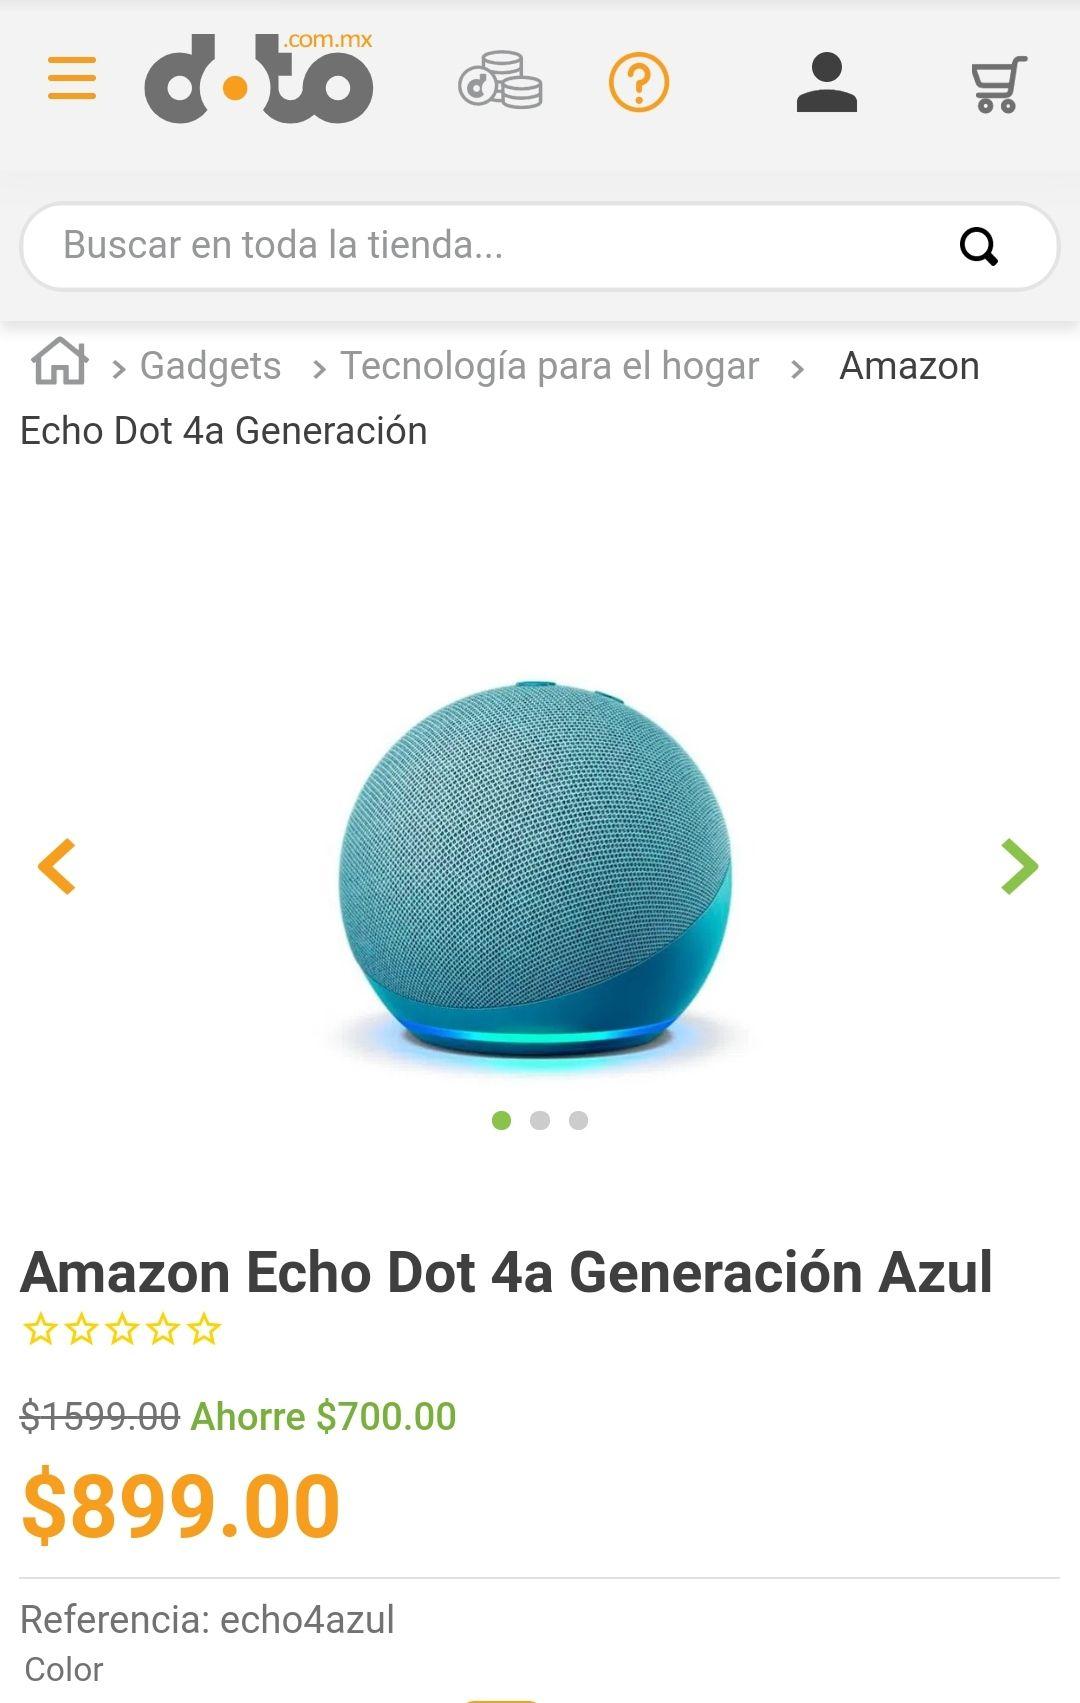 Amazon Echo Dot 4a Generación Azul